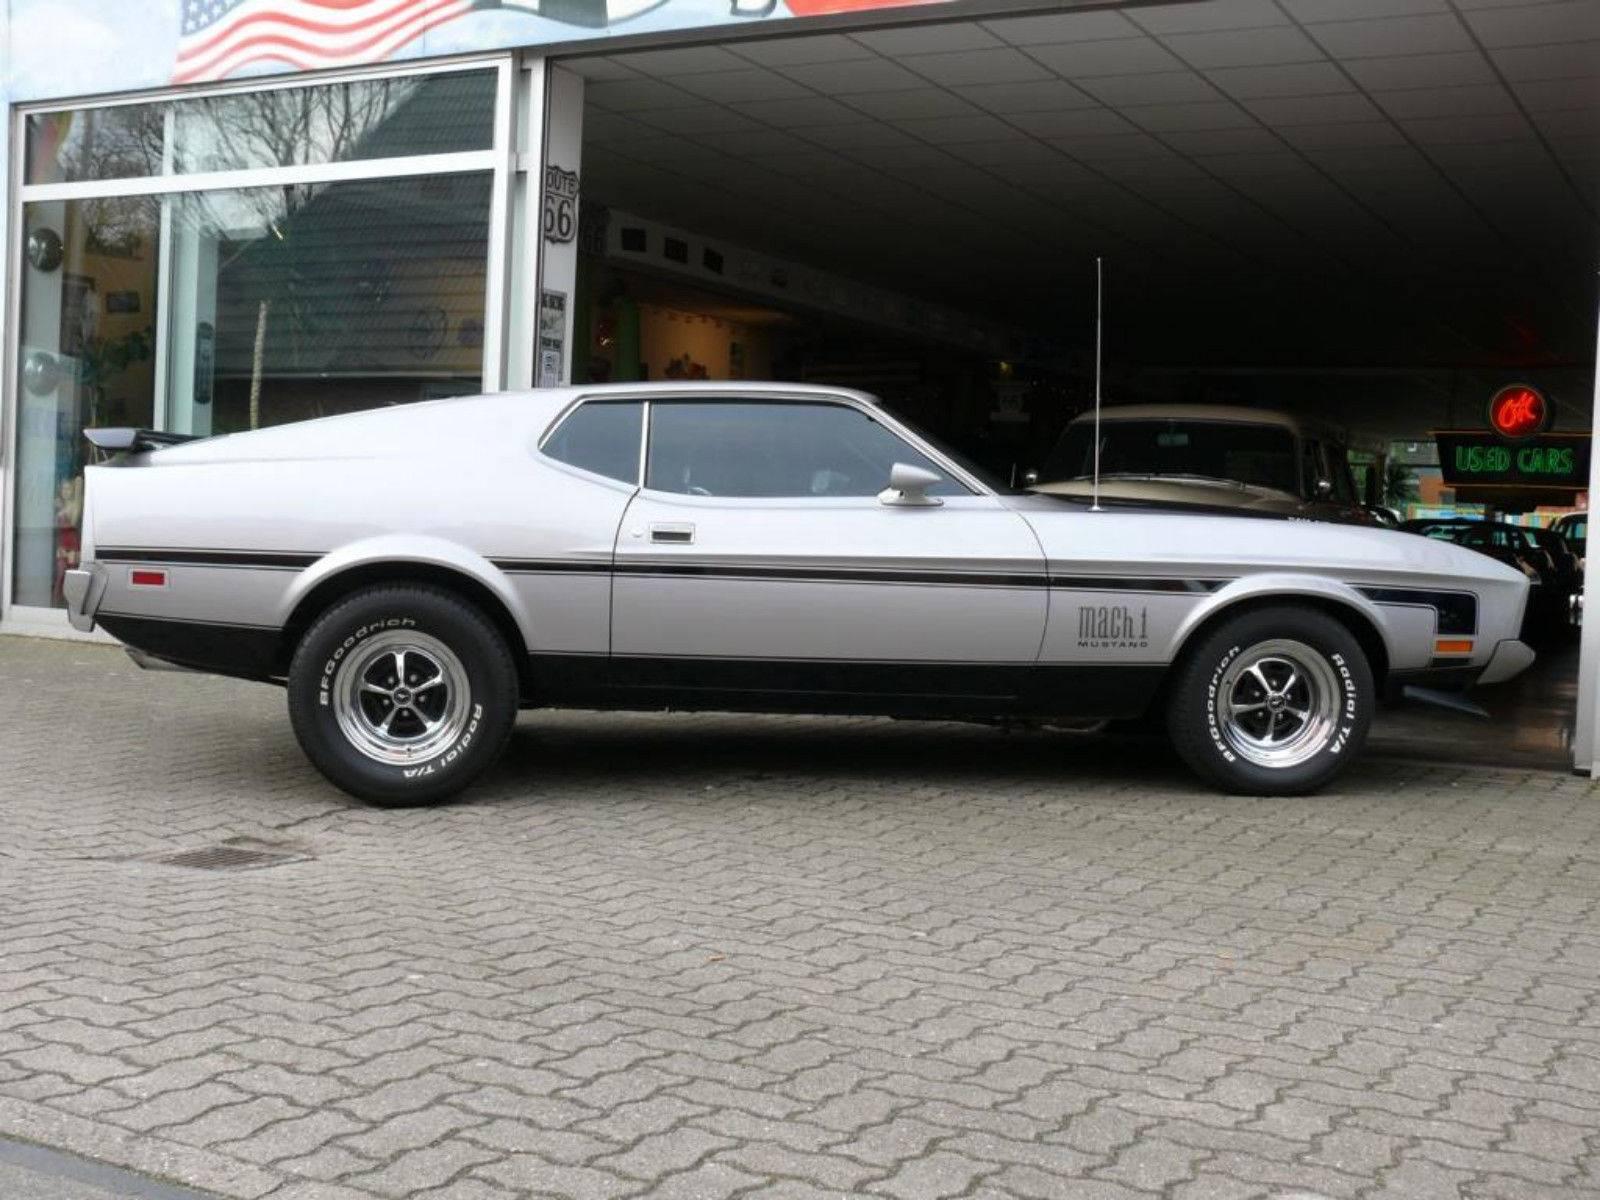 Ford Mustang Mach 1 1972 für 39 500 EUR kaufen